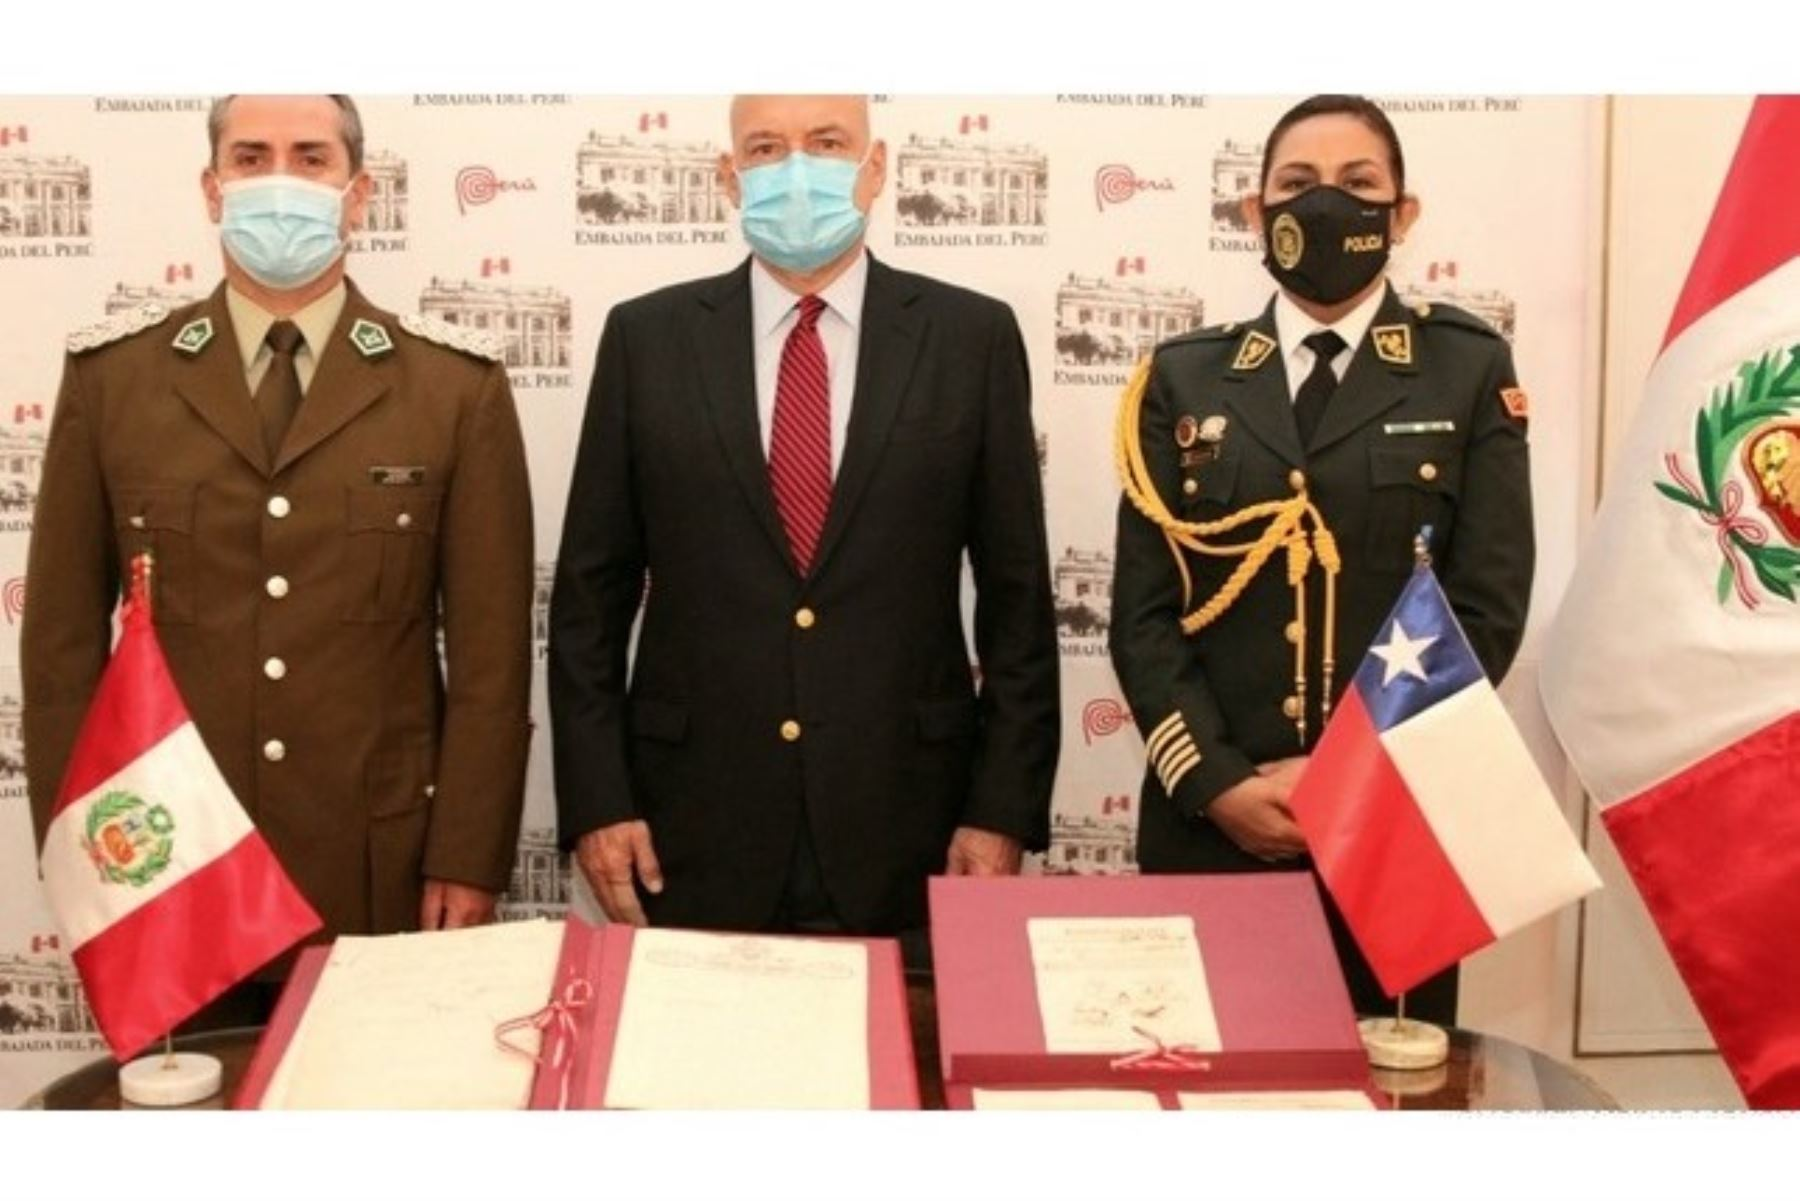 Entrega de bienes documentales al Perú por parte de autoridades chilenas.